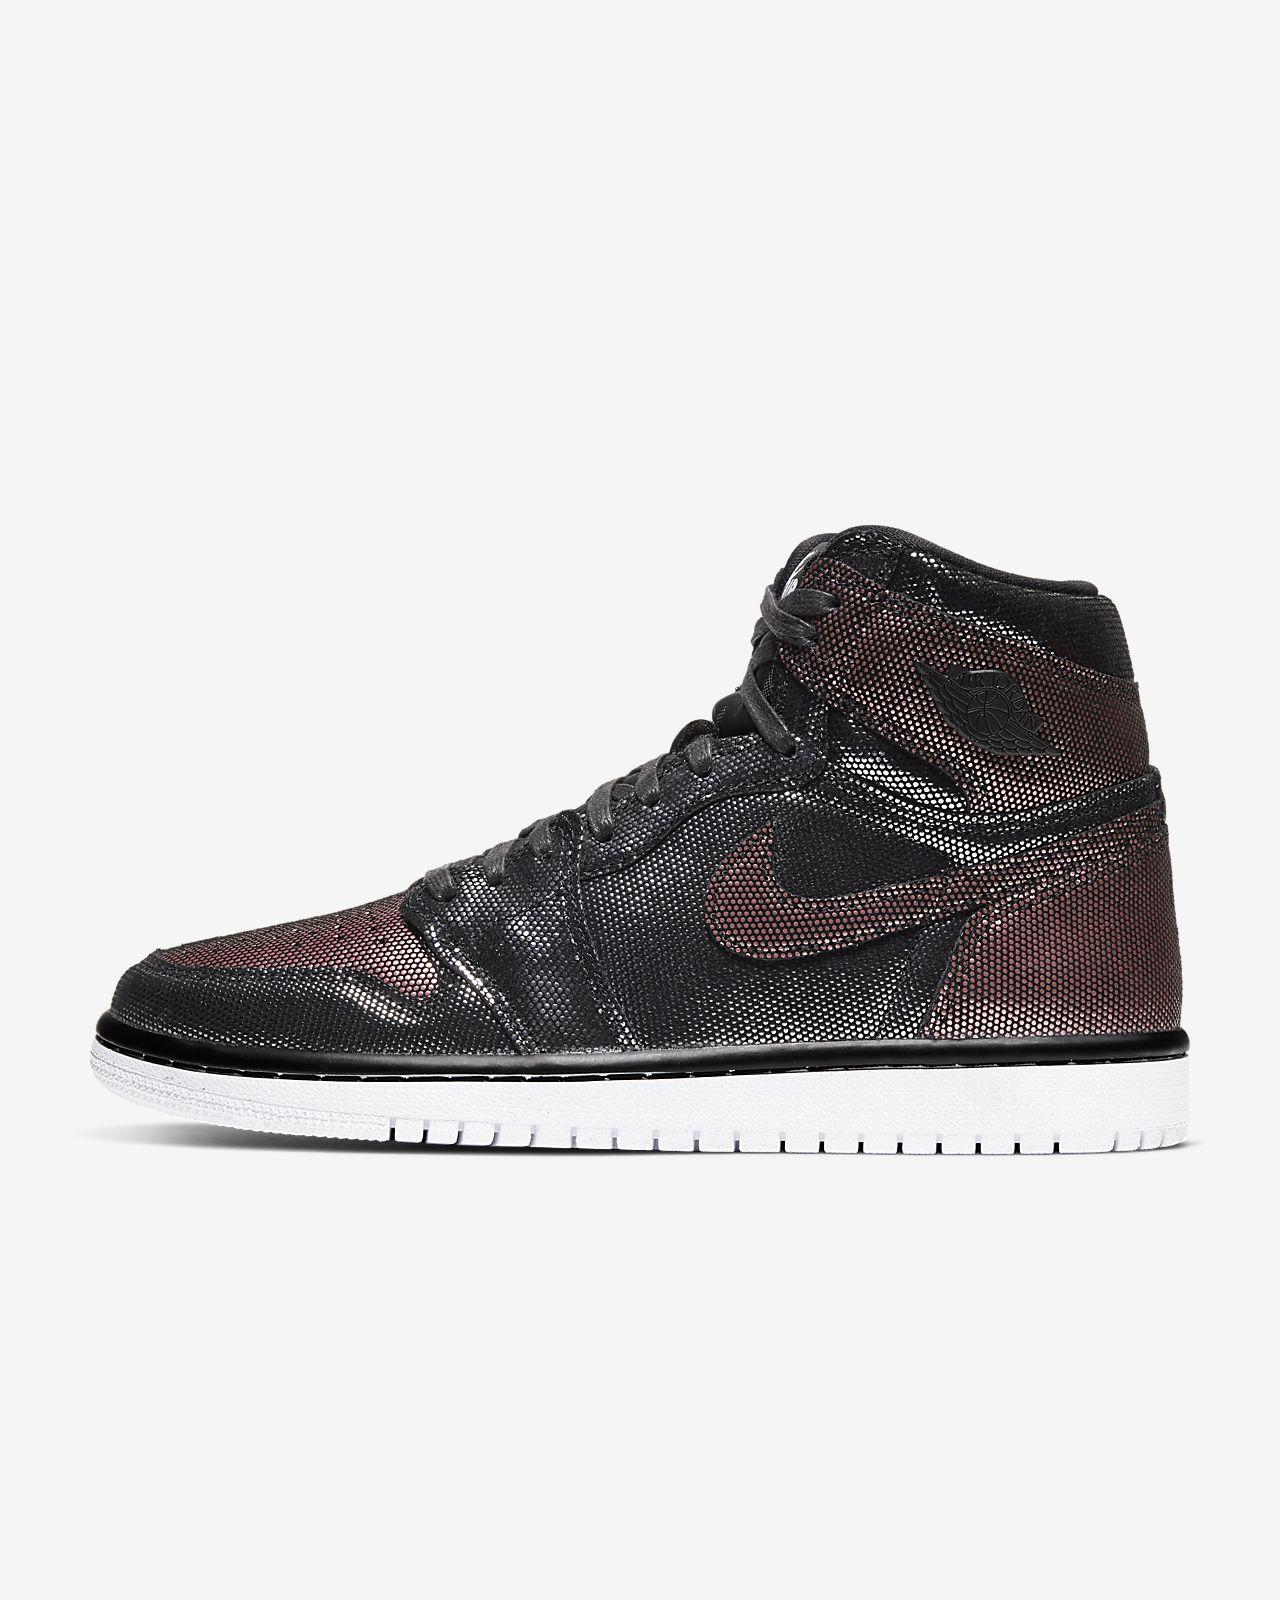 Chaussure Air Jordan 1 Hi OG Fearless pour Femme